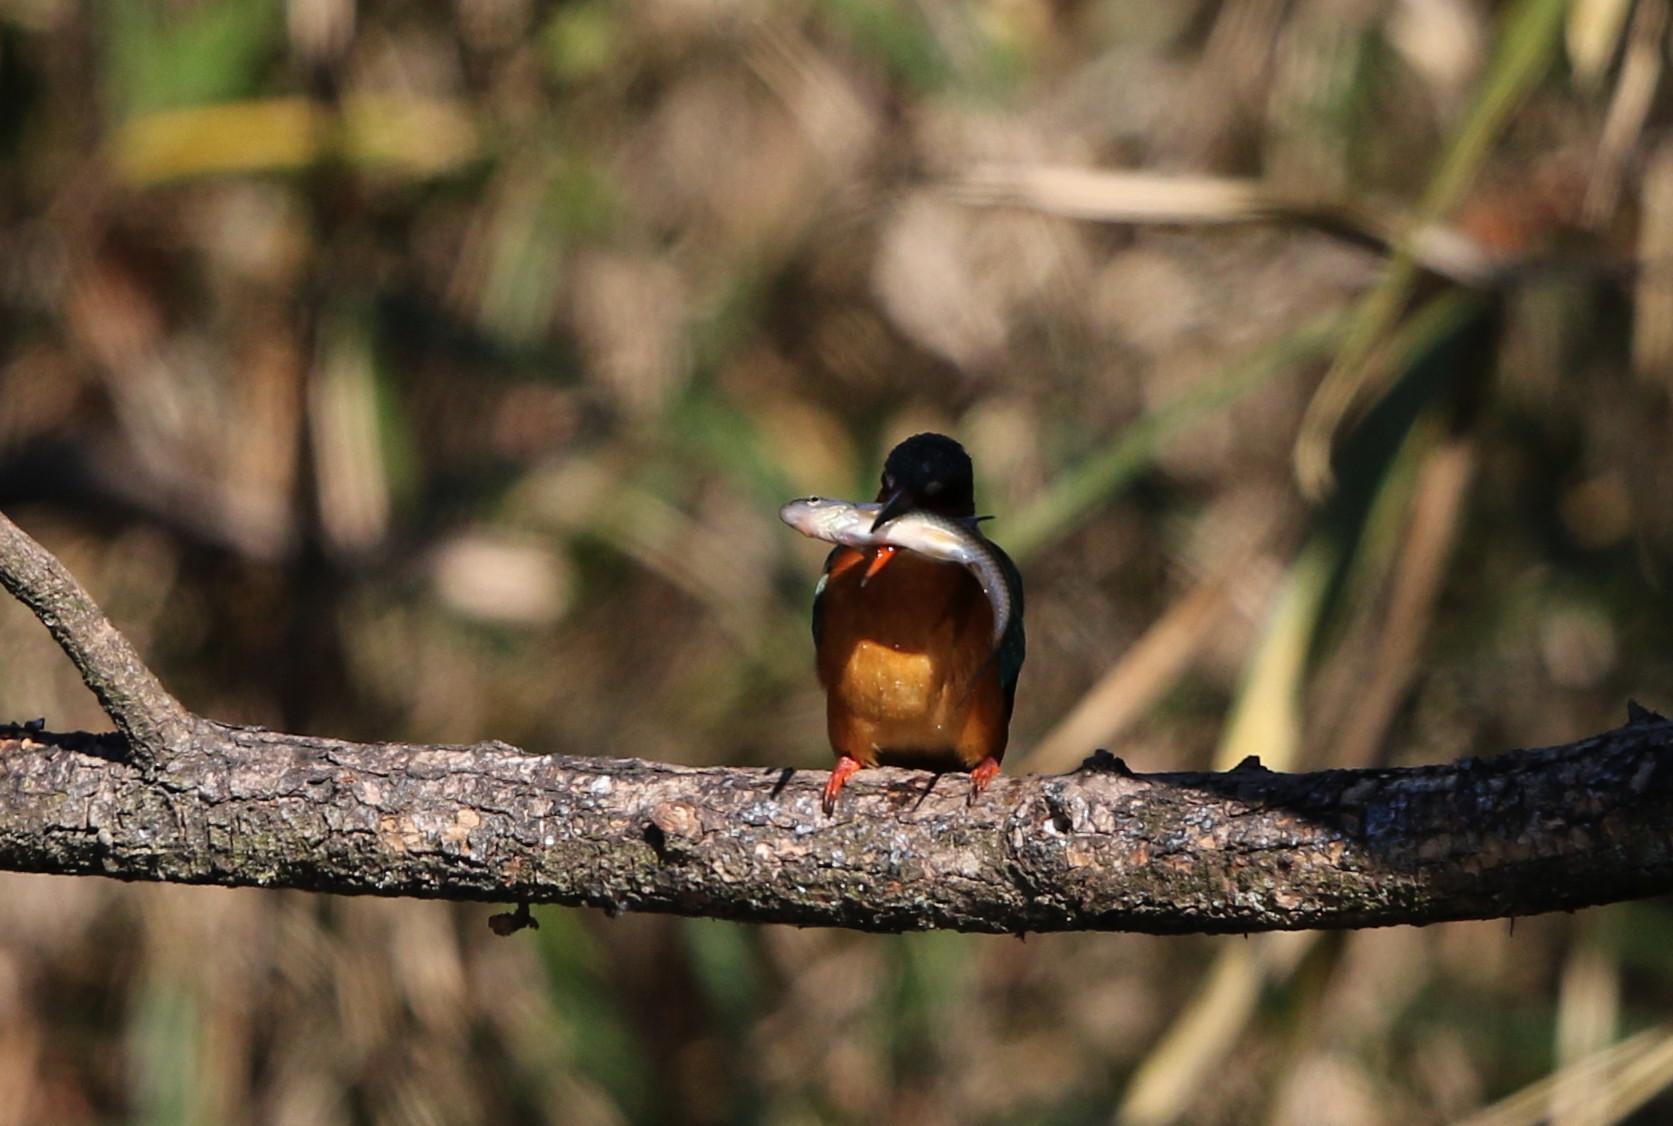 野鳥のオアシス その6(カワセミ女の子)_f0239515_15592851.jpg